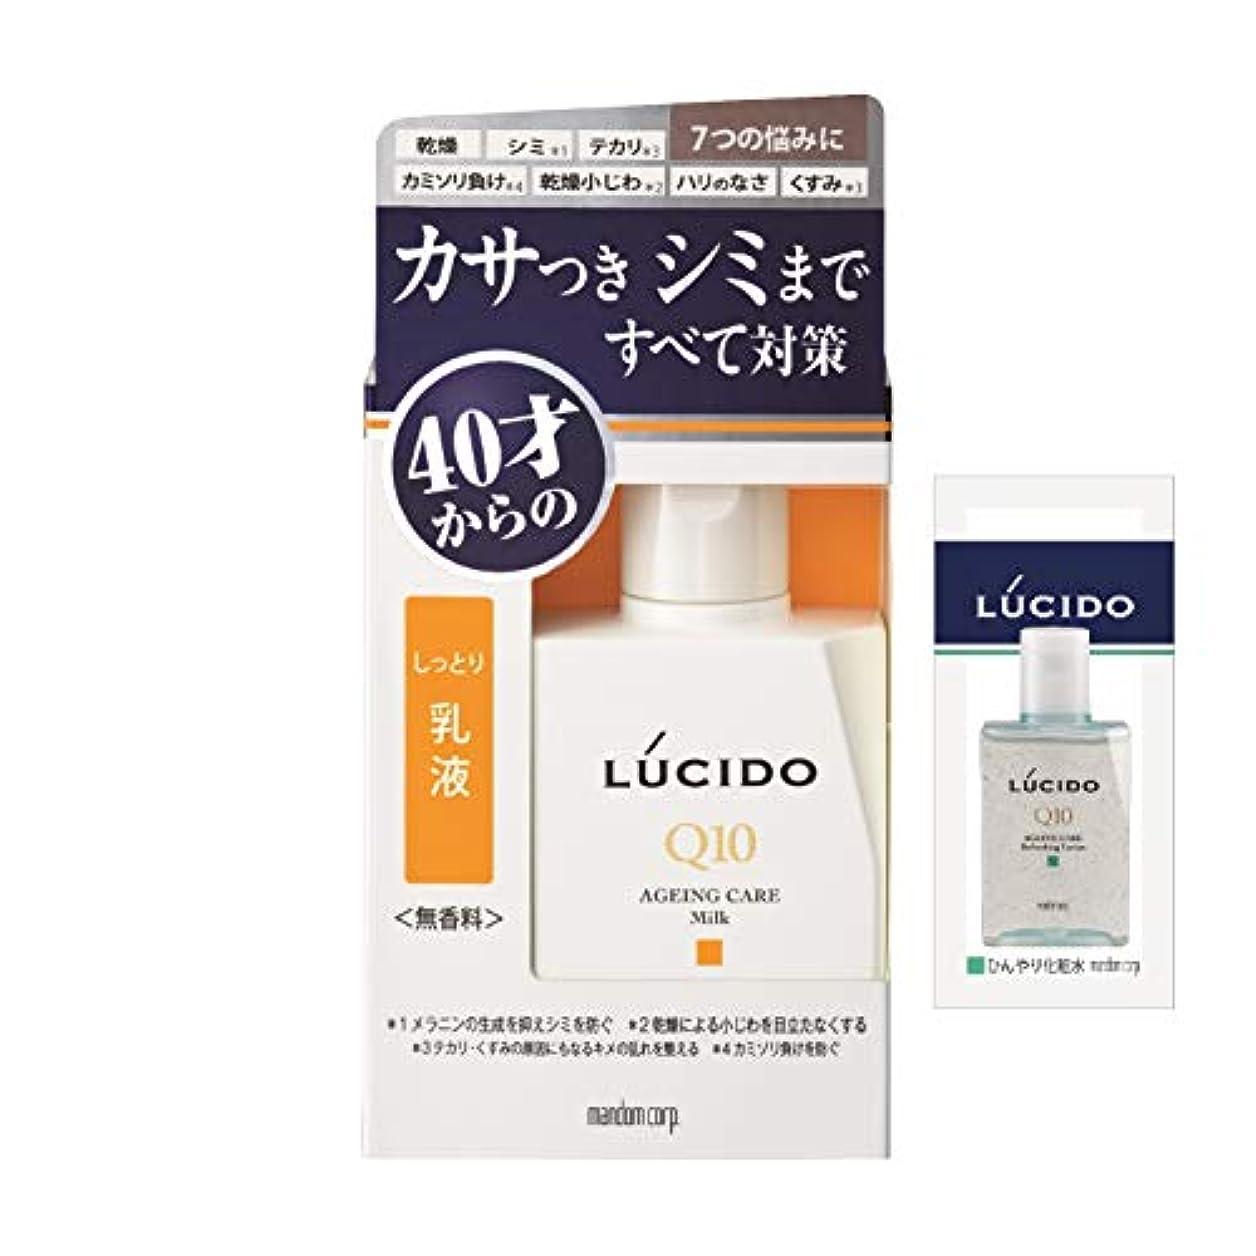 グリット敵あまりにも【Amazon.co.jp限定】 LUCIDO(ルシード) ルシード 薬用 トータルケア乳液 (医薬部外品) 100ml+サンプル付